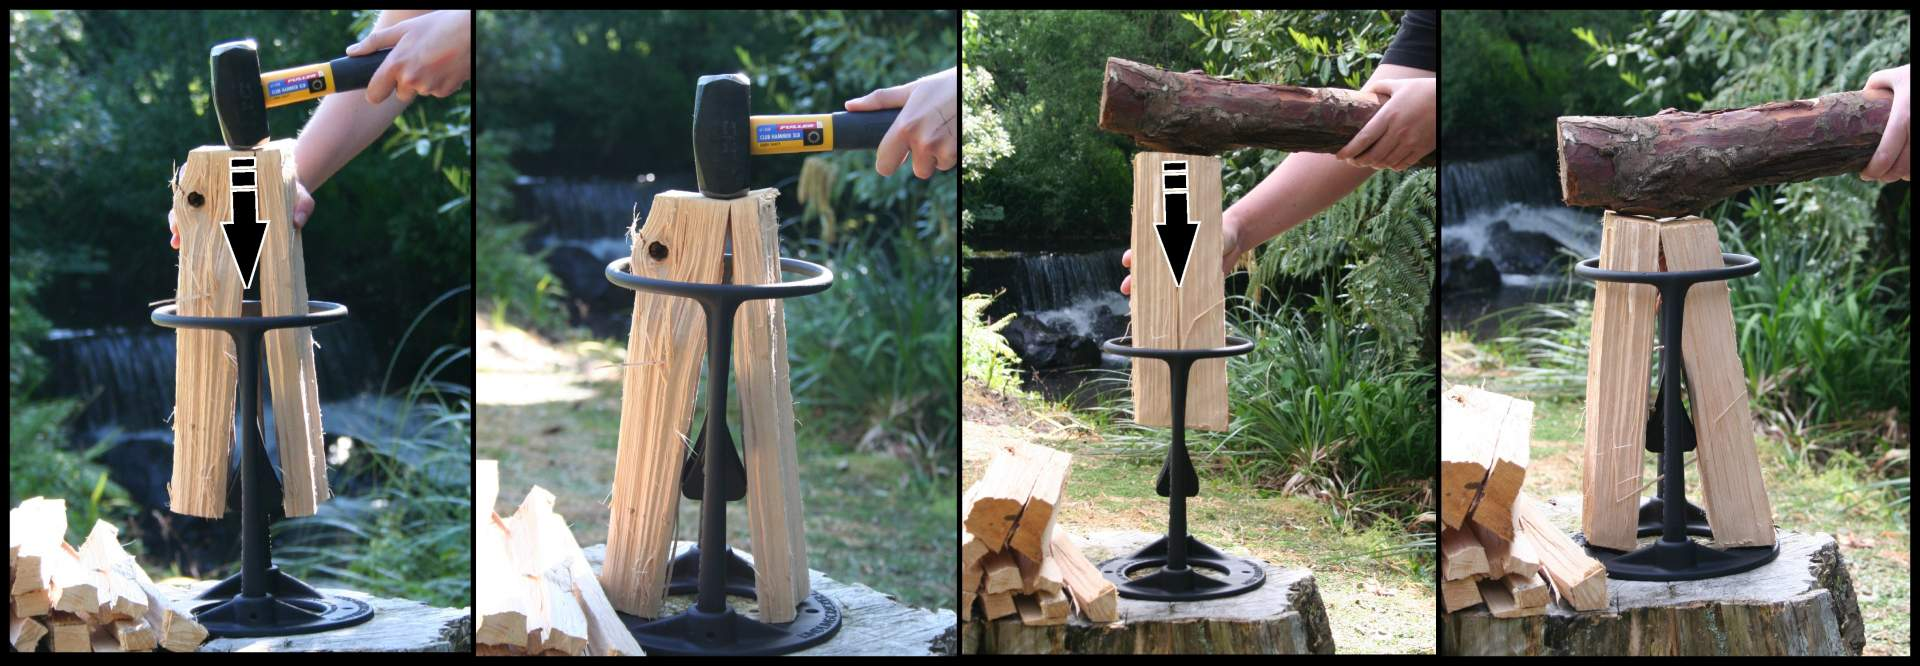 Самодельный колун для колки дров